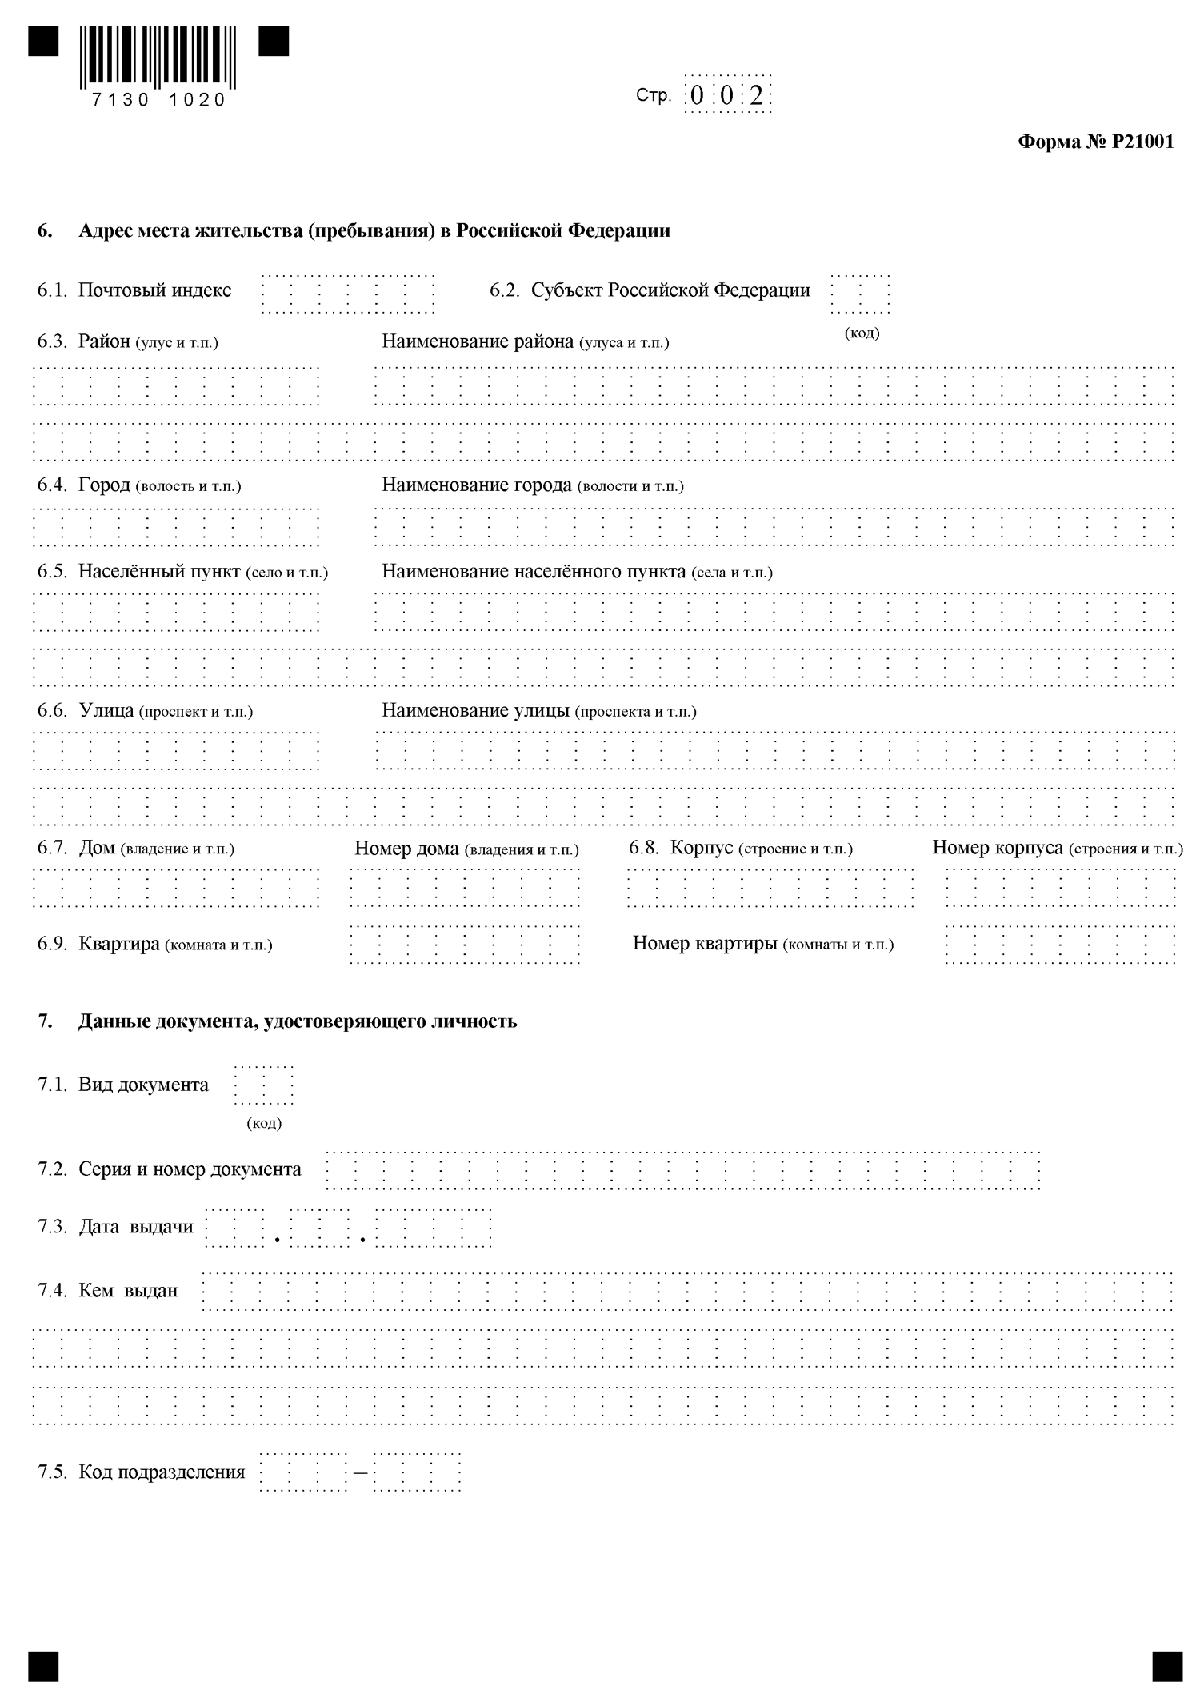 2 страница формы р21001